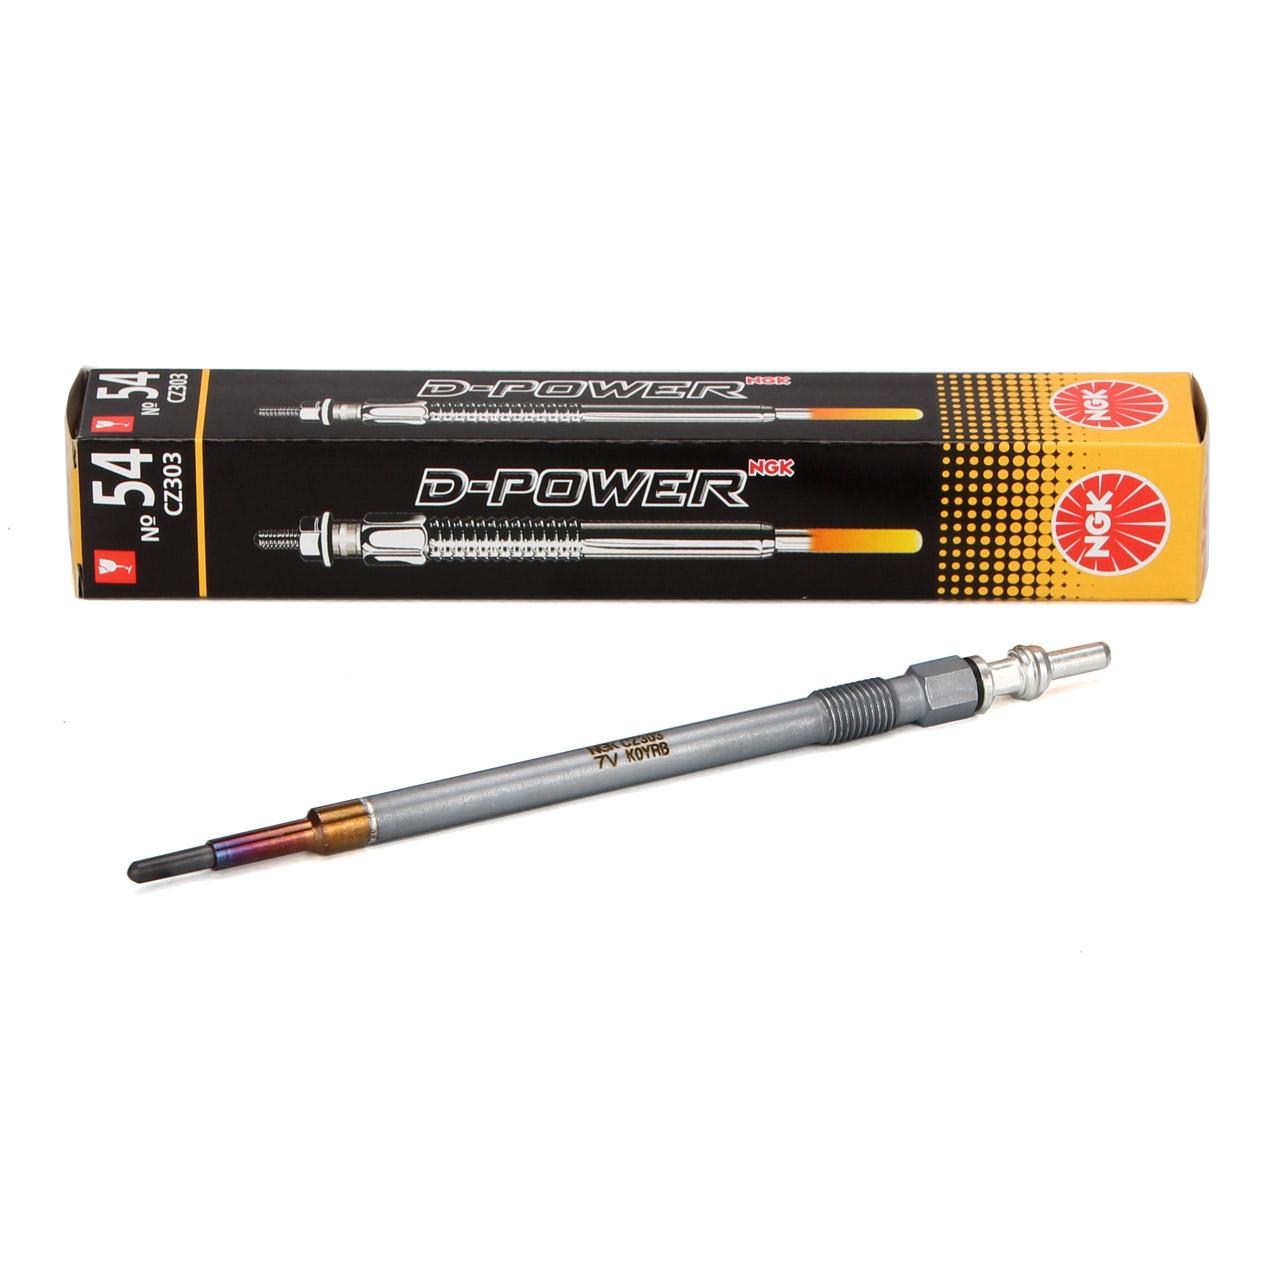 NGK 7865 CZ303 D-Power 54 Glühkerze MERCEDES W176 W245 W246 W204 W211 W212